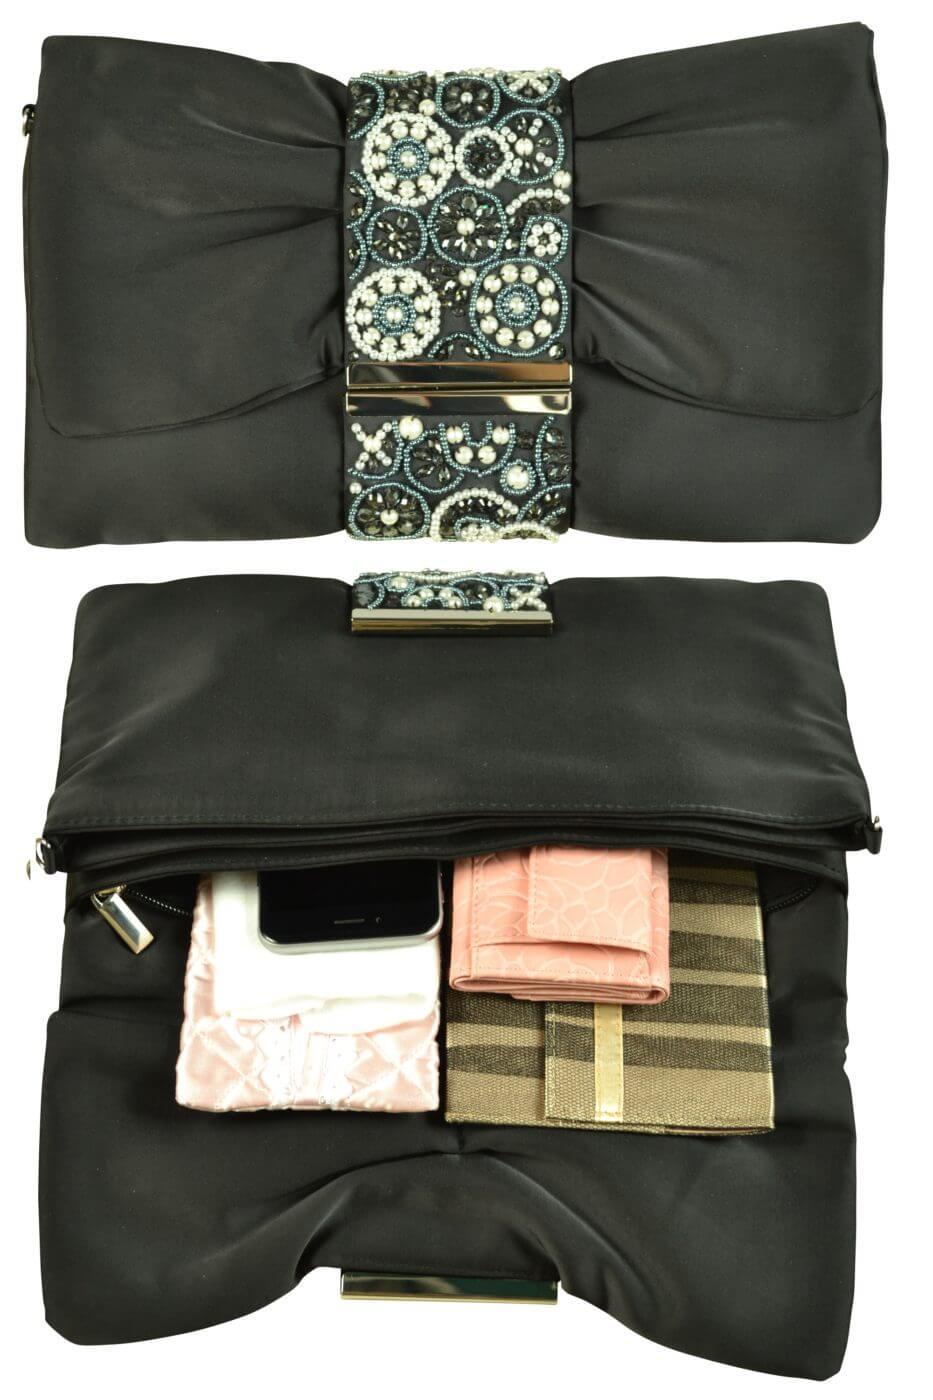 エルモソ リュクス (Hermoso luxe)デザインビジュブラッククラッチバッグ